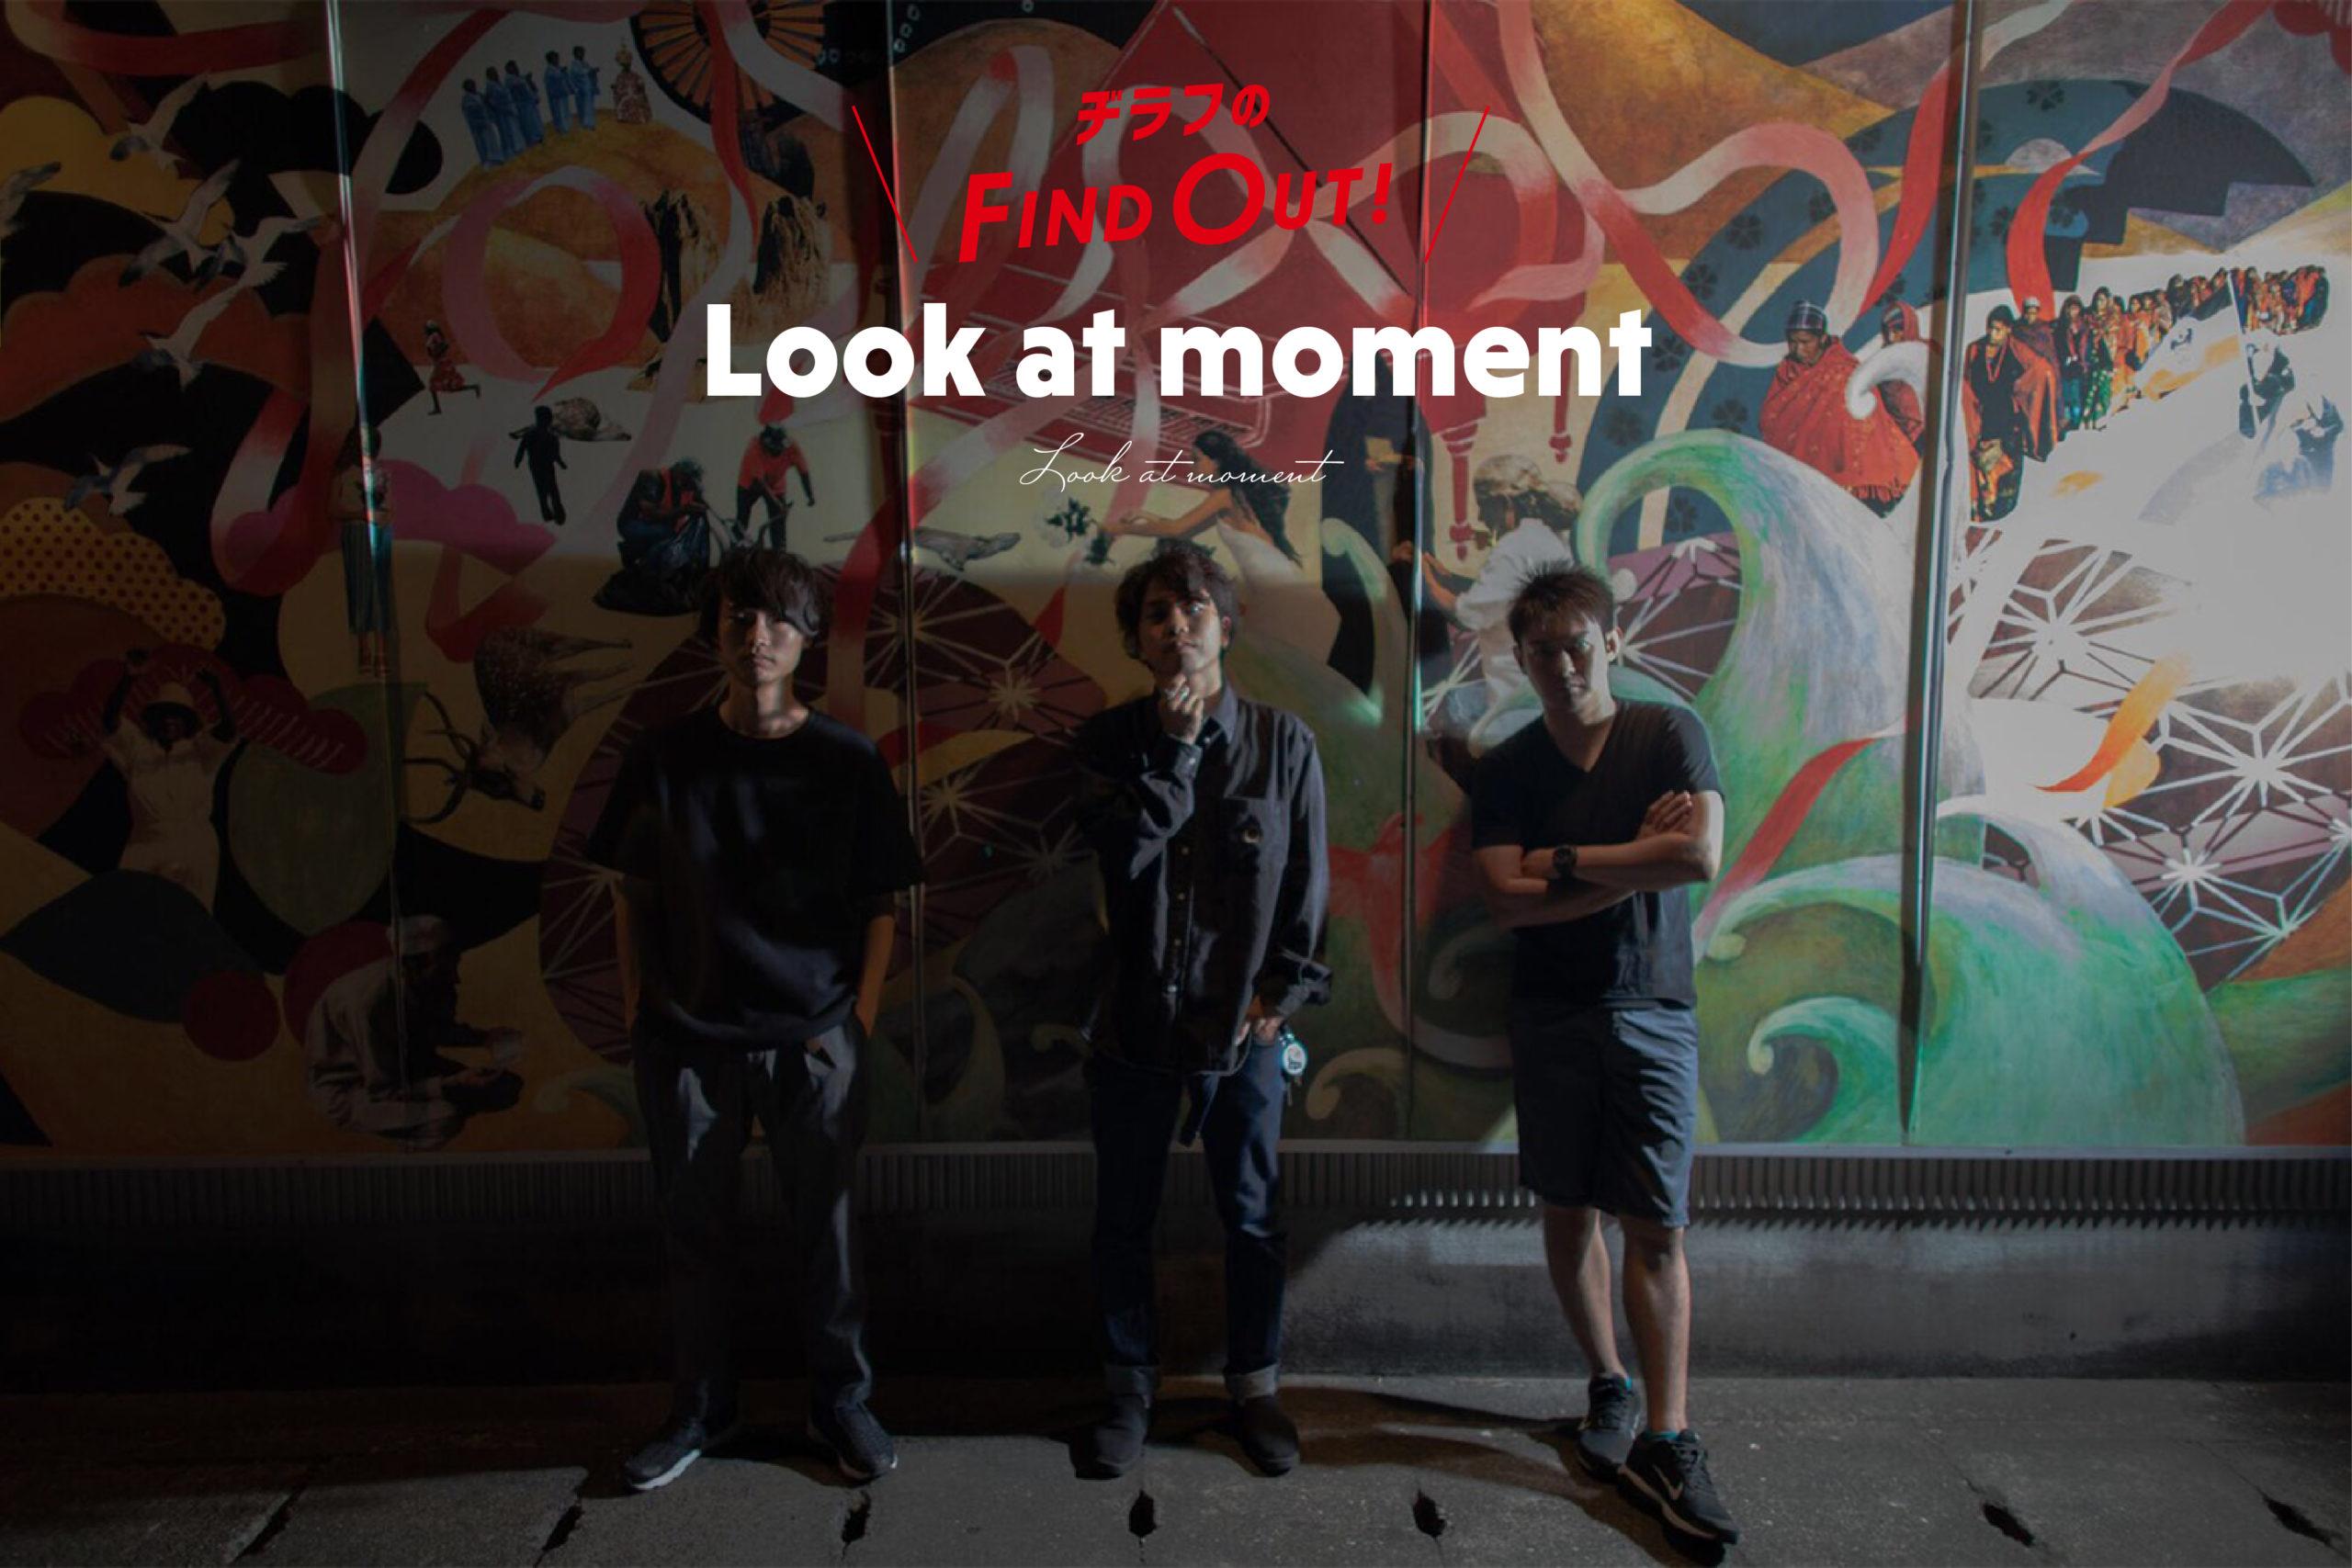 「【Look at moment】獰猛さとひりつく焦燥感を携えた、内臓を揺らす激情ハードコア」のアイキャッチ画像